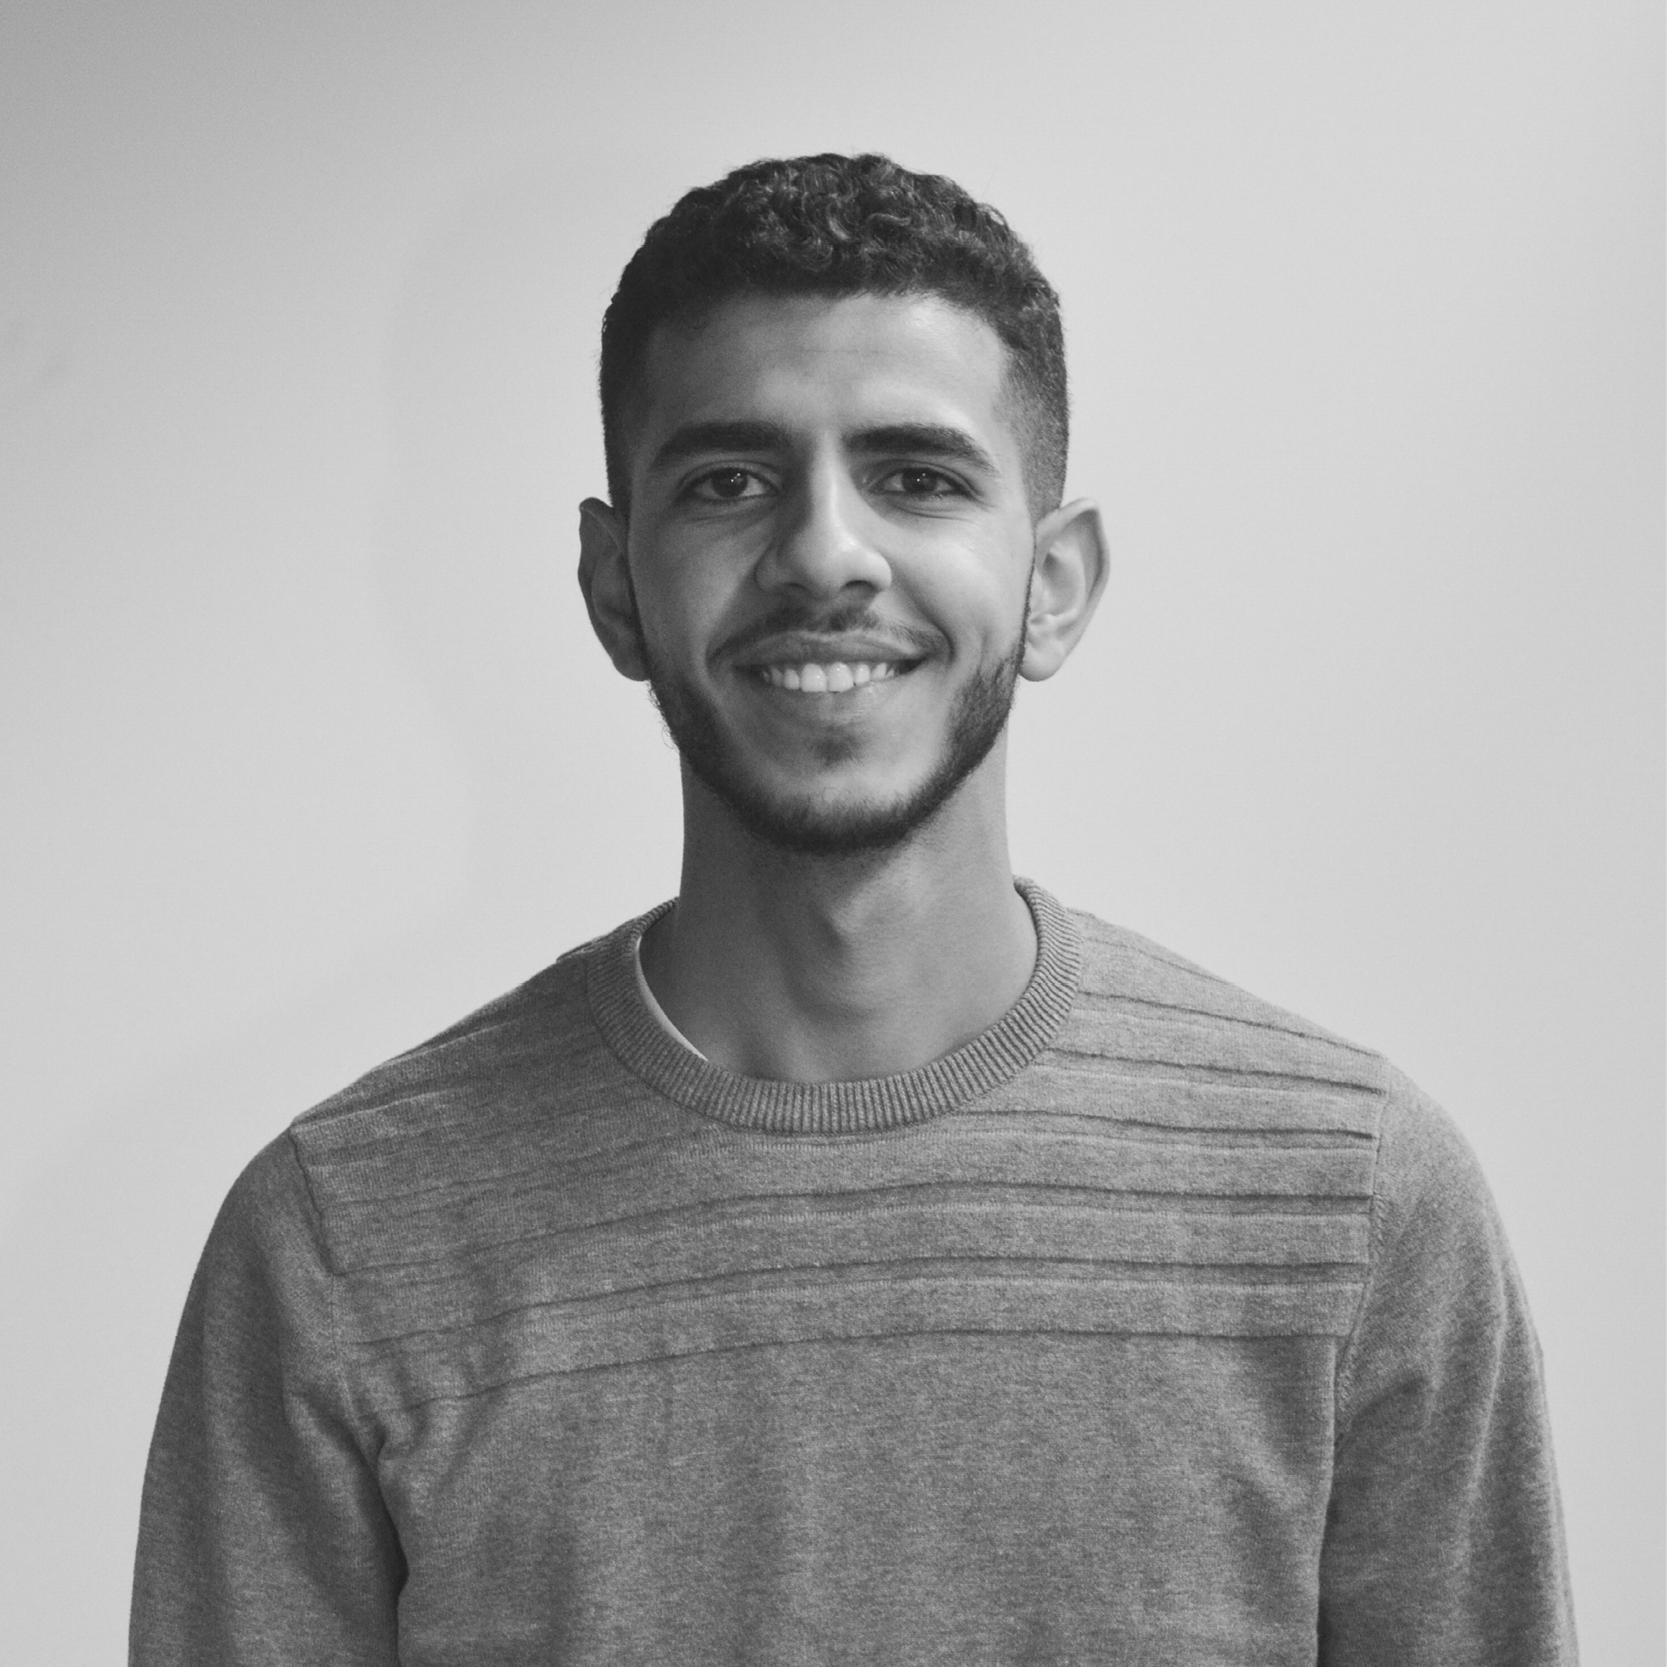 équipe administrative :Portrait de Sabri aben, coordinateur de l'asbl Liège Centre